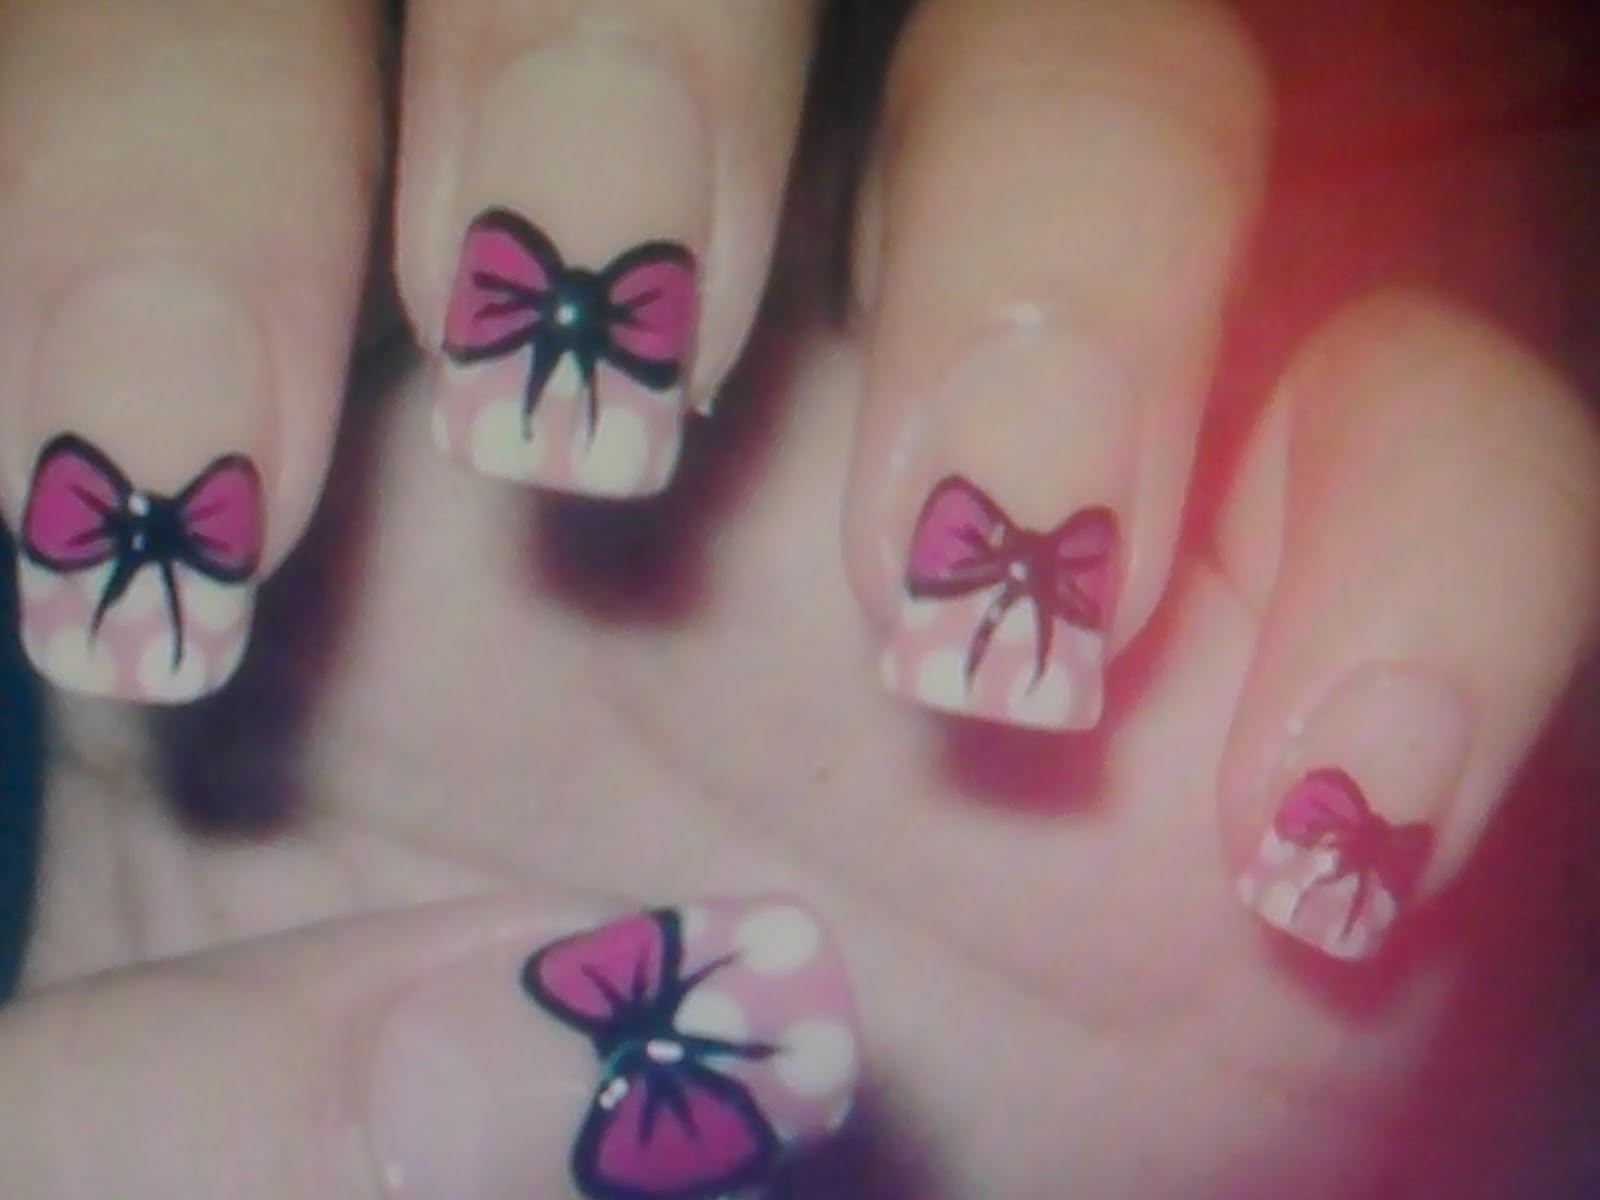 Gostou dos modelos de unhas decoradas com lacinhos? É um modelo mais